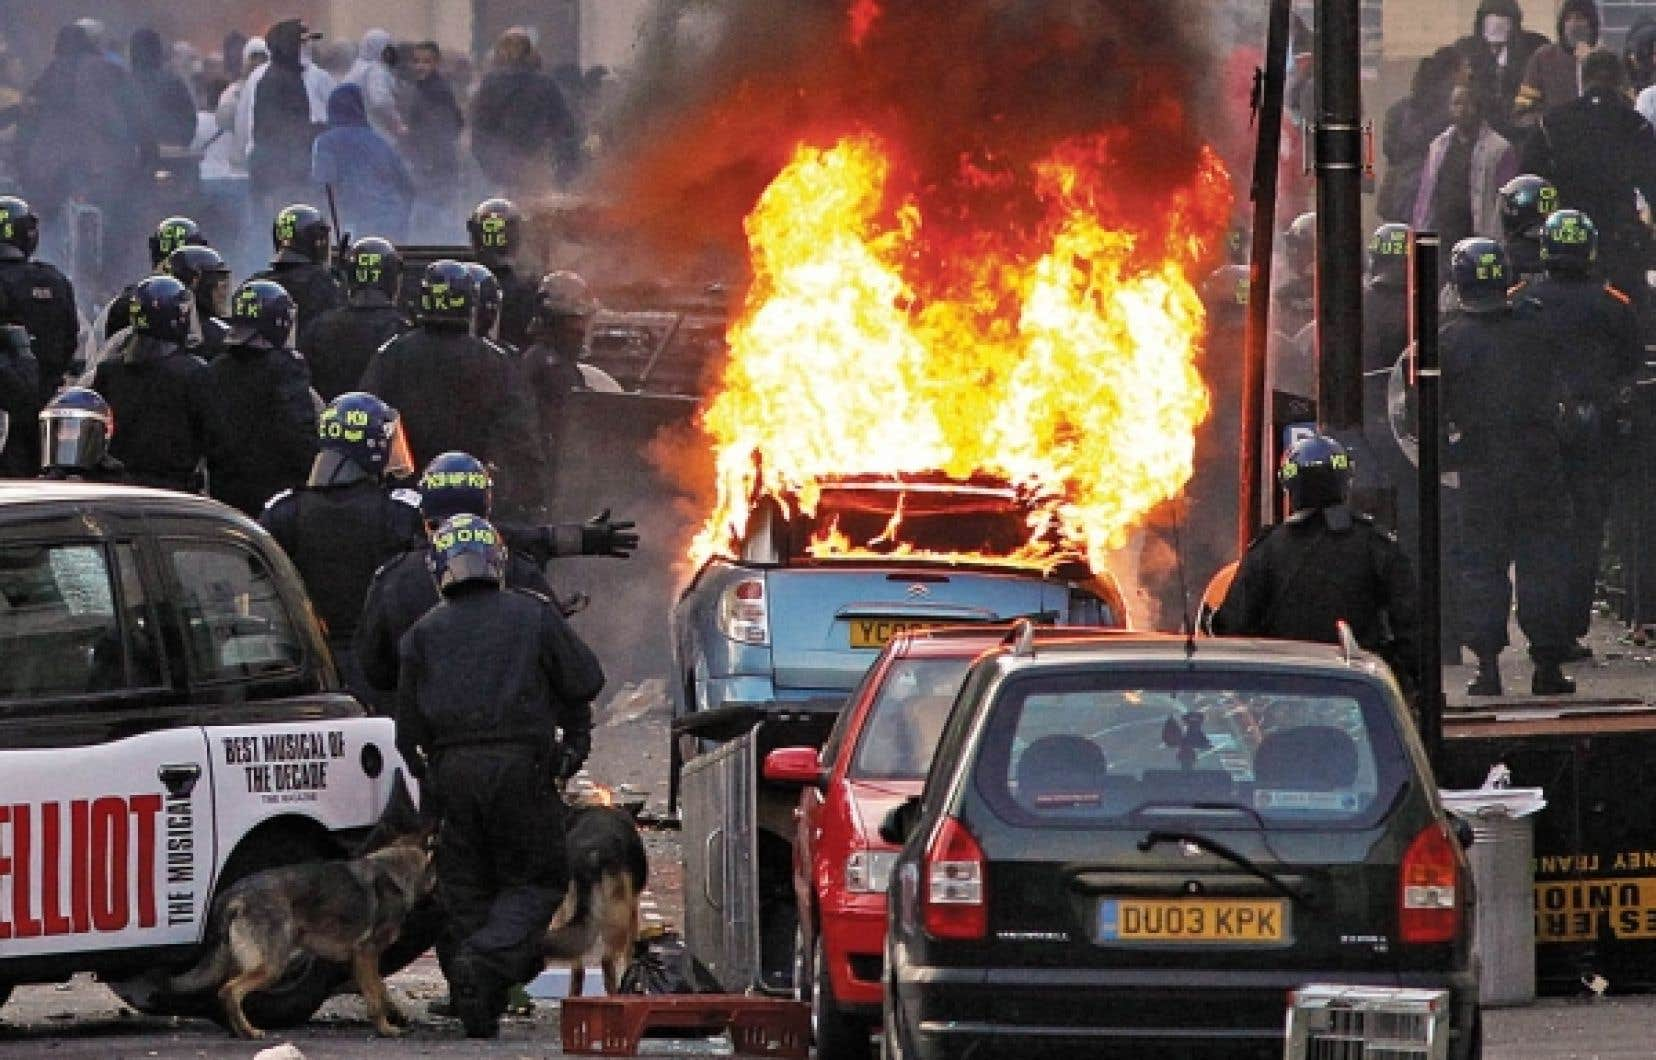 Les manifestations violentes ont contamin&eacute; au moins quatre nouveaux quartiers de Londres, hier, dont celui de Hackney dans l&rsquo;est, o&ugrave; des centaines de jeunes ont vandalis&eacute; des boutiques et incendi&eacute; des voitures.<br />